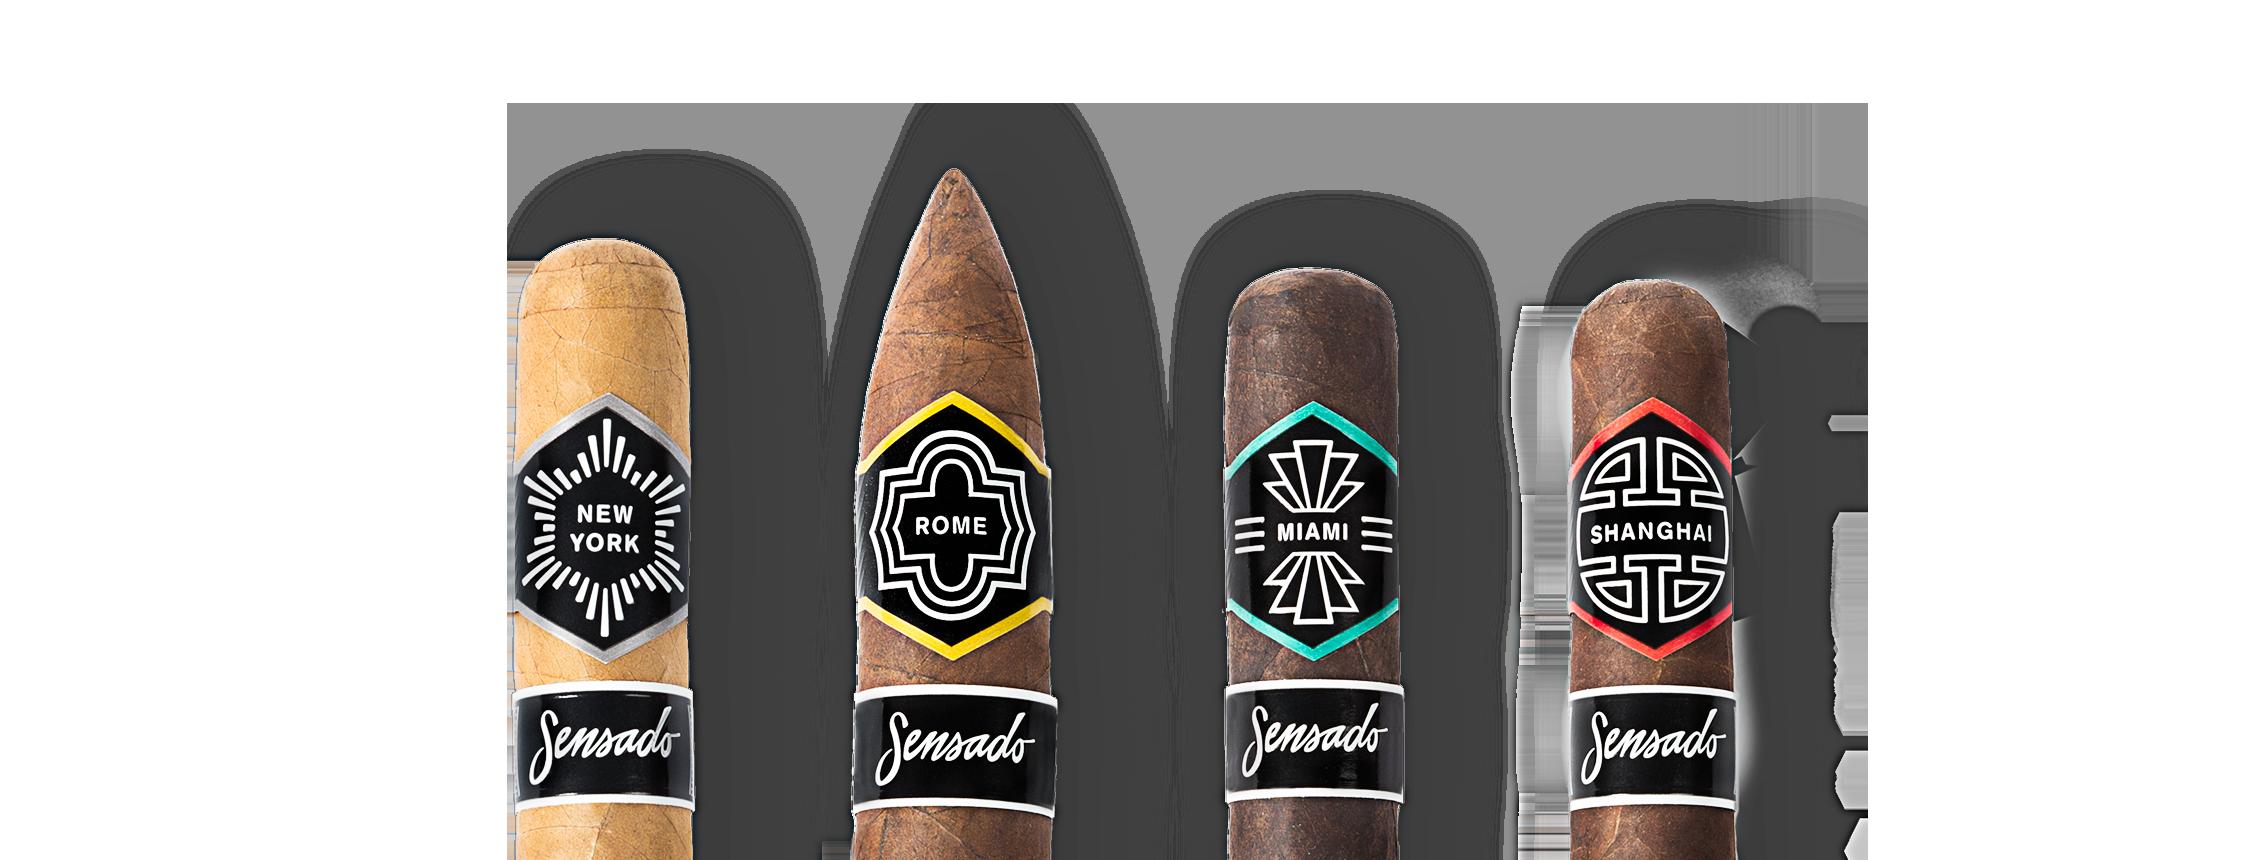 Sensado Cigars